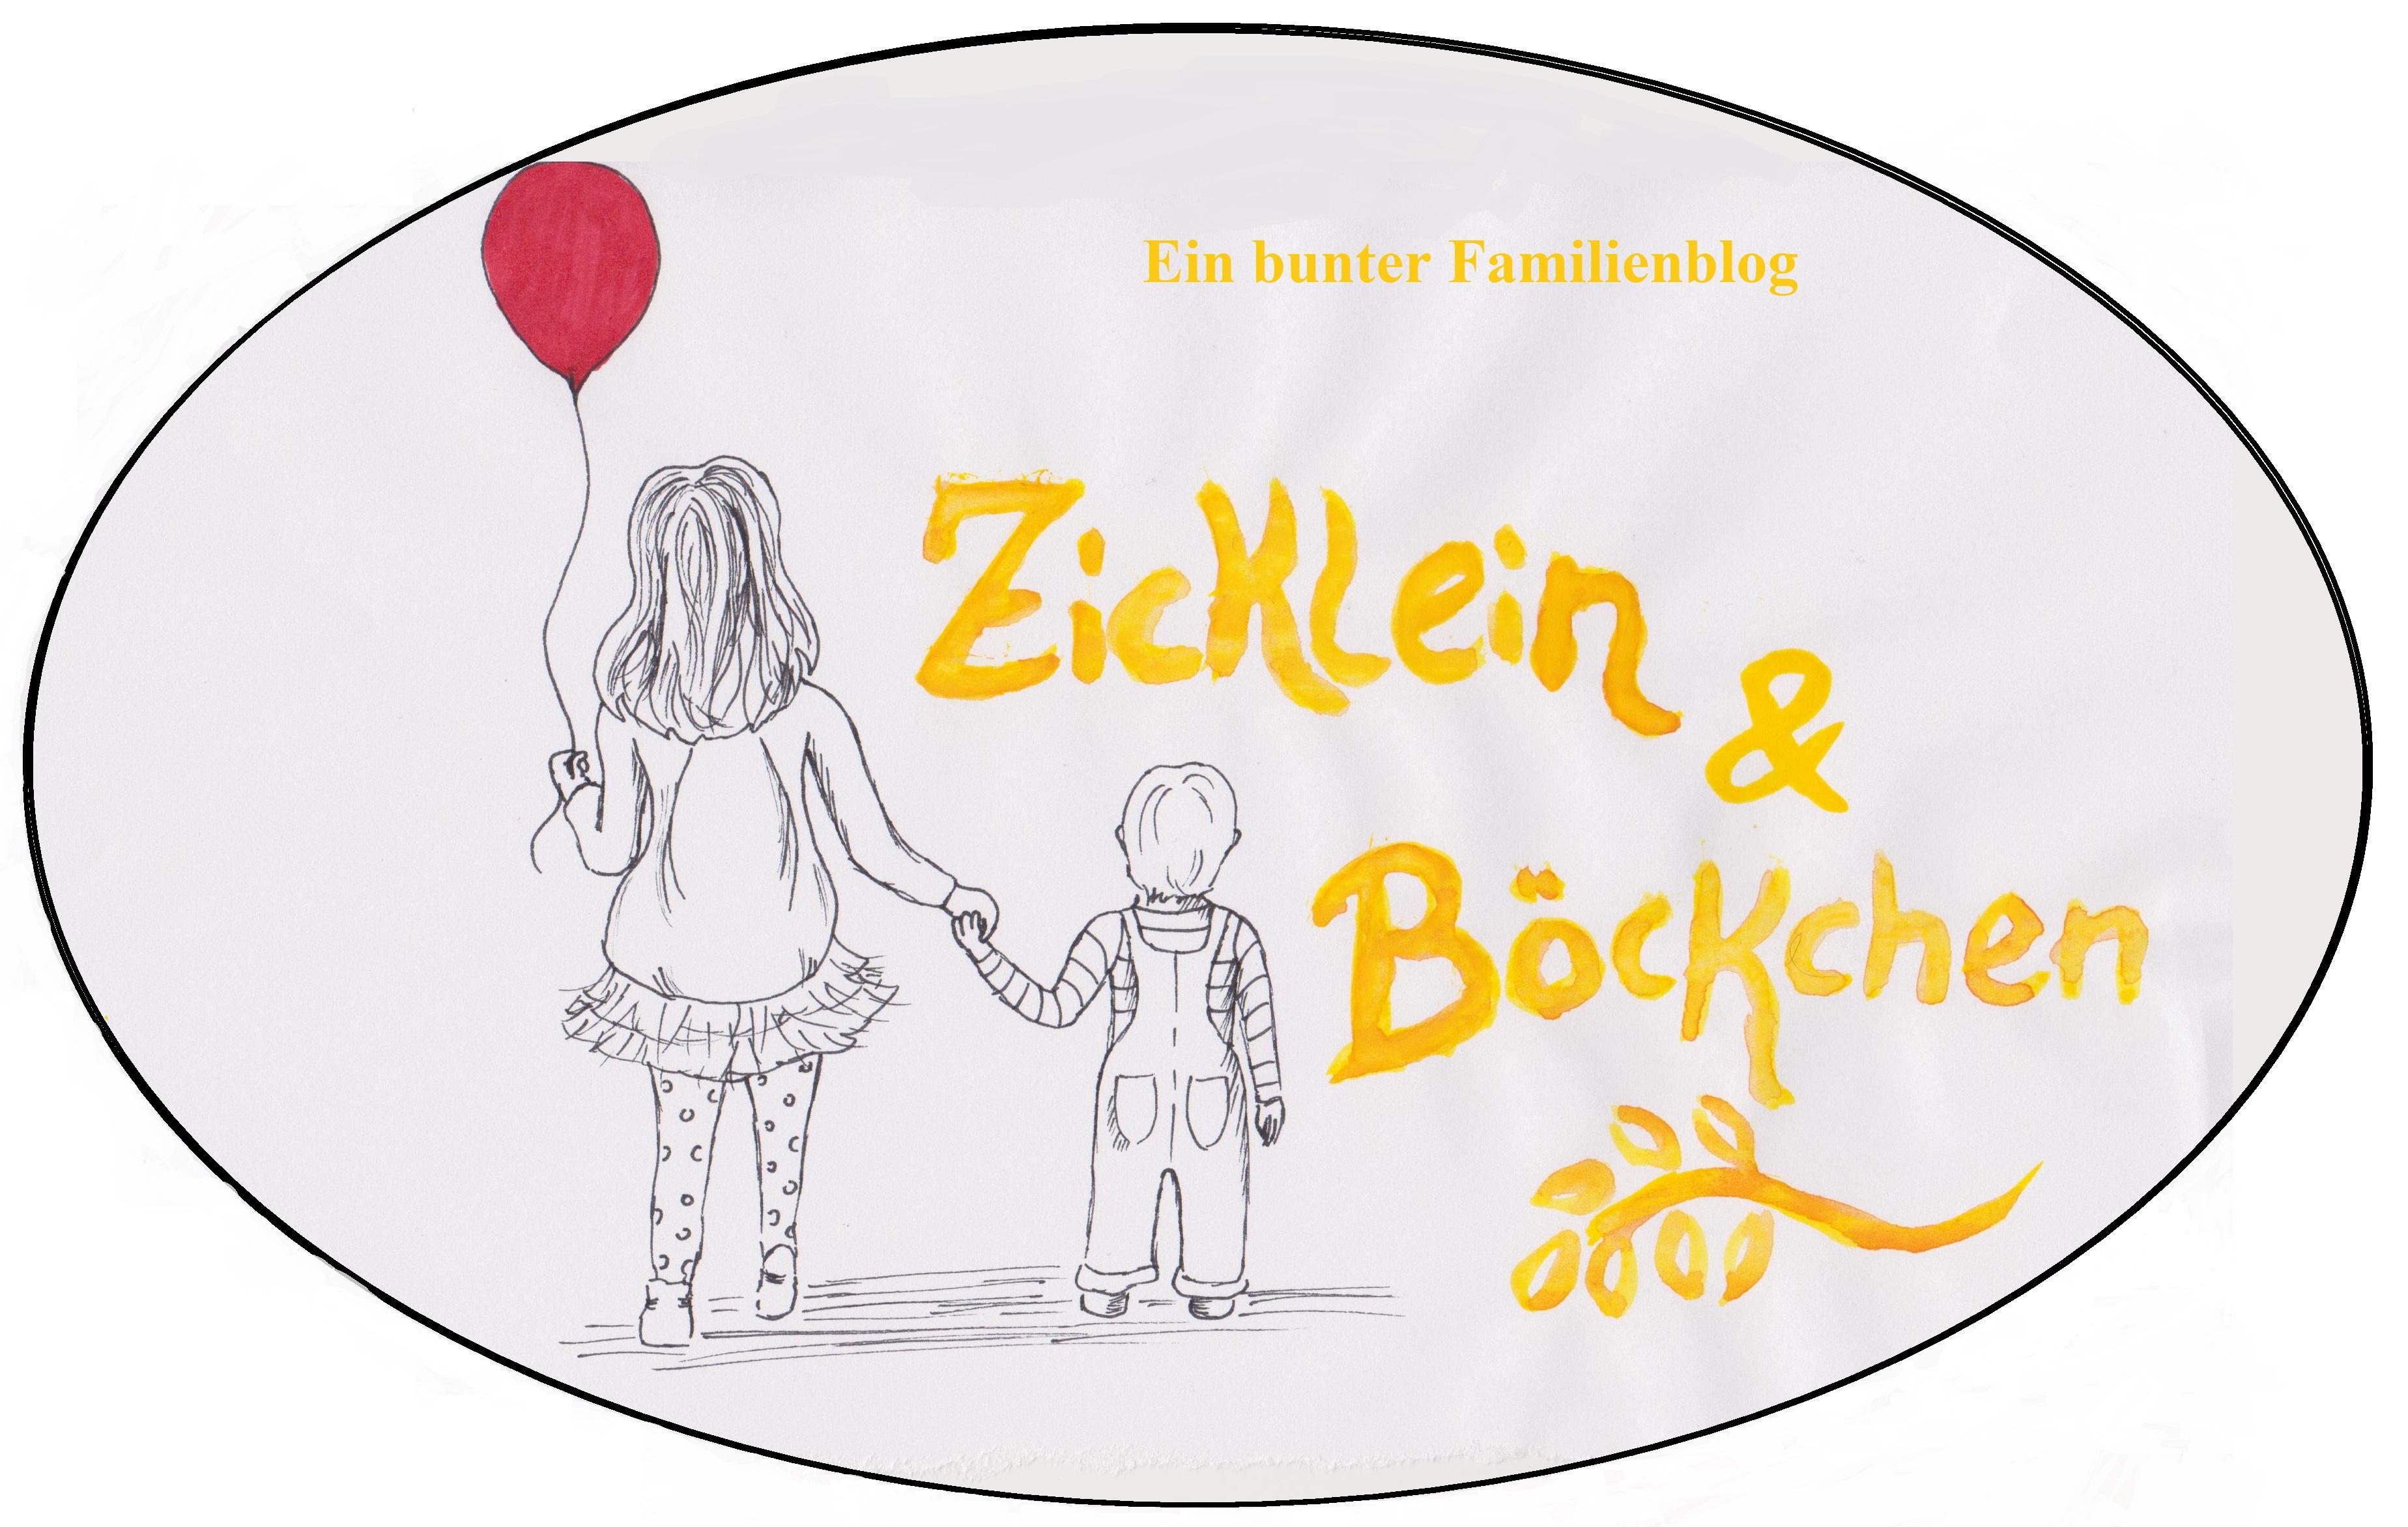 Zicklein & Böckchen